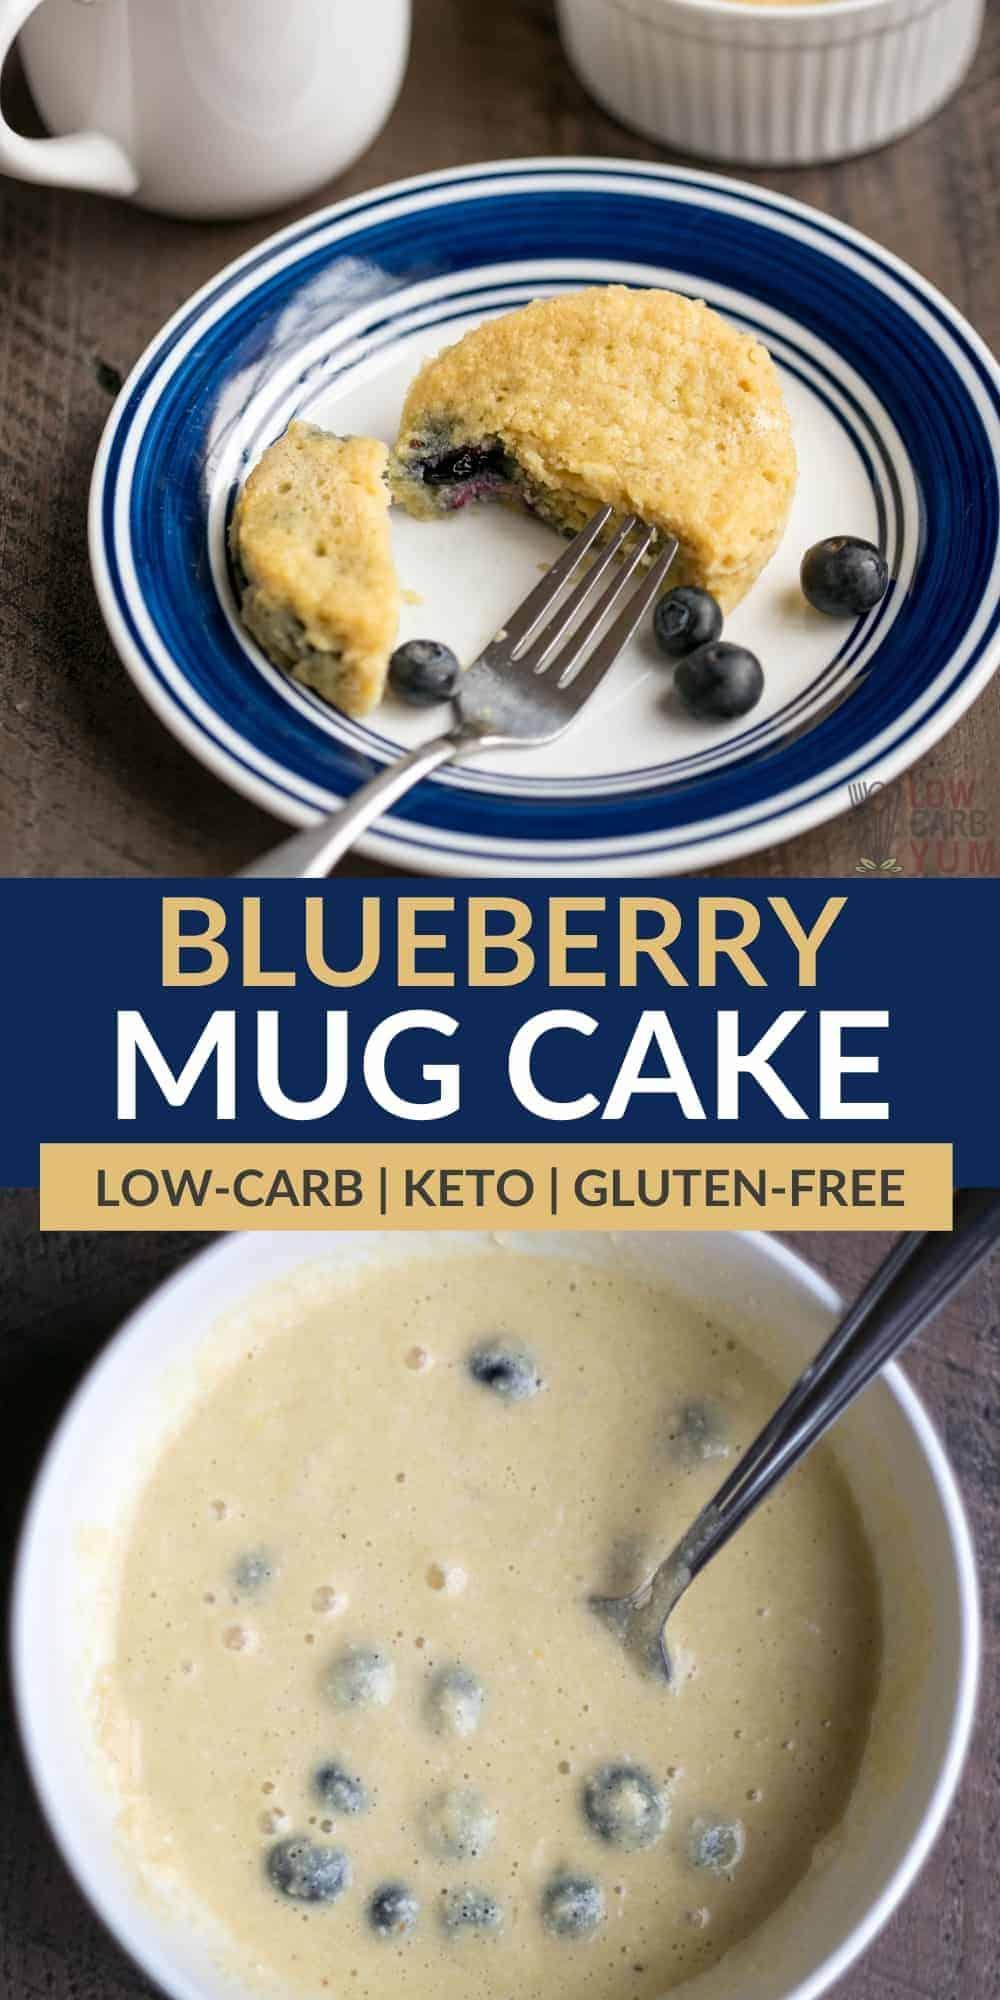 keto blueberry mug cake pinterest image